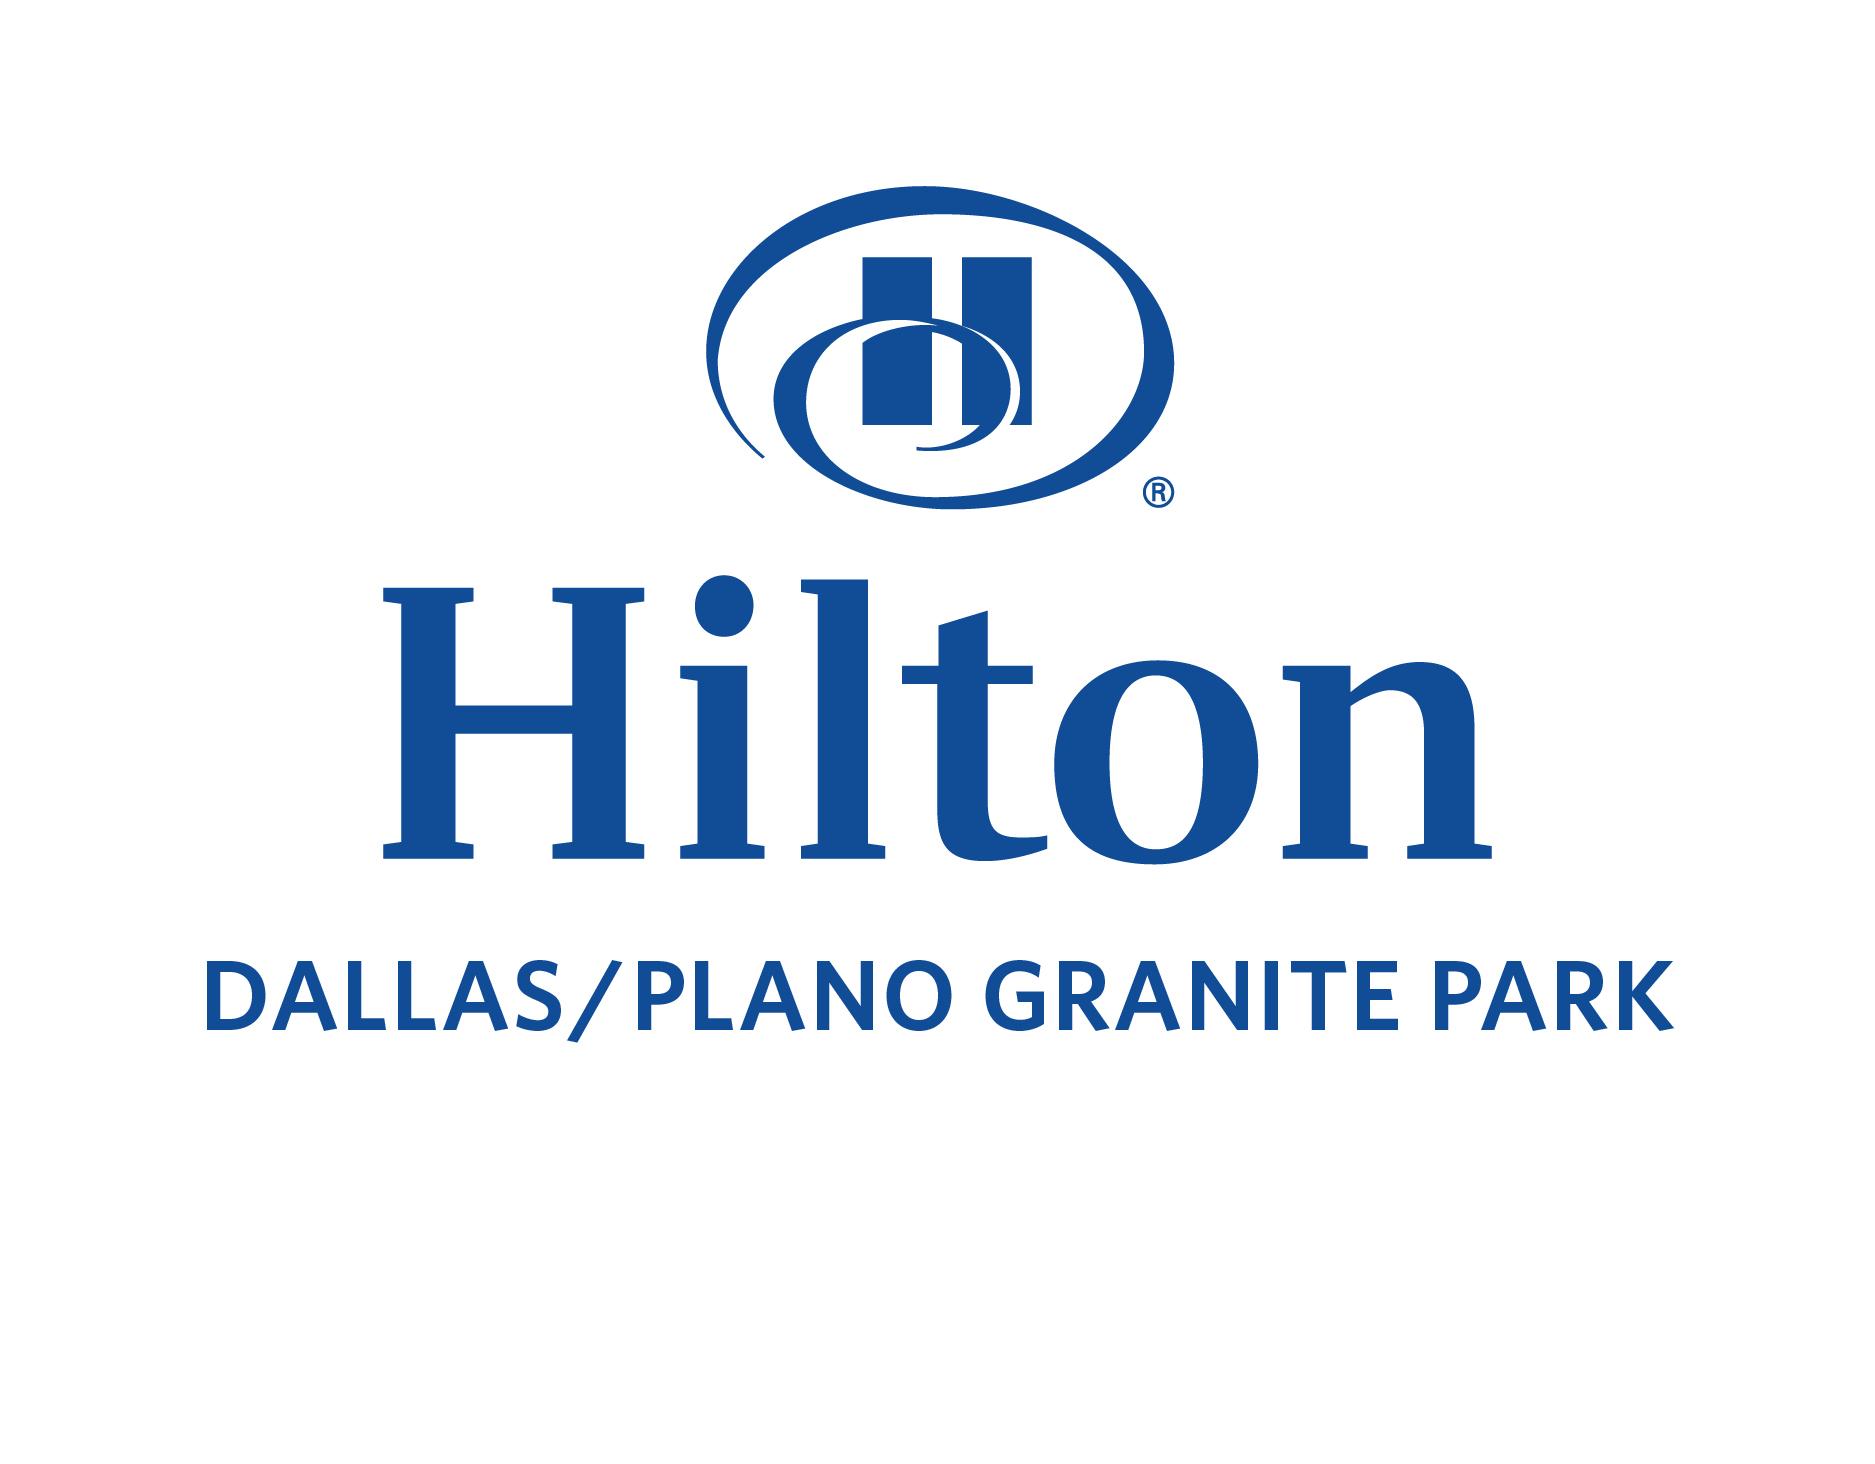 Hilton Dallas/Plano Granite Park Accommodations, Venues